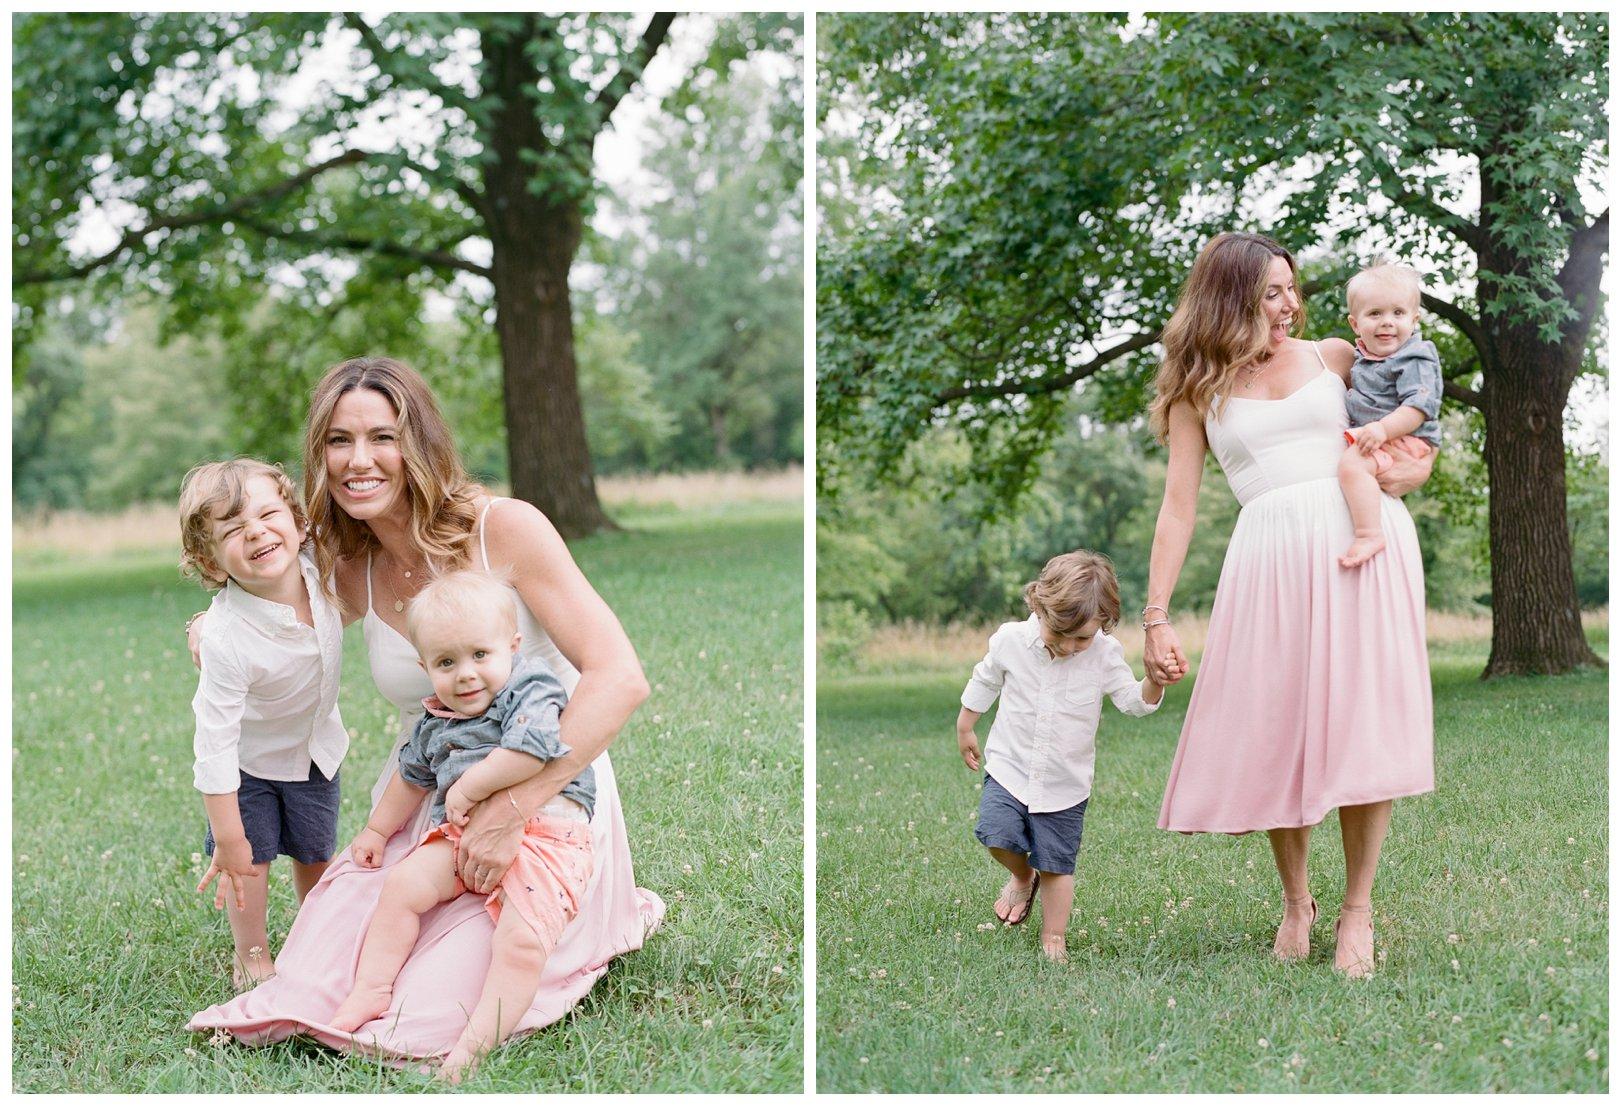 lauren muckler photography_fine art film wedding photography_st louis_photography_3418.jpg